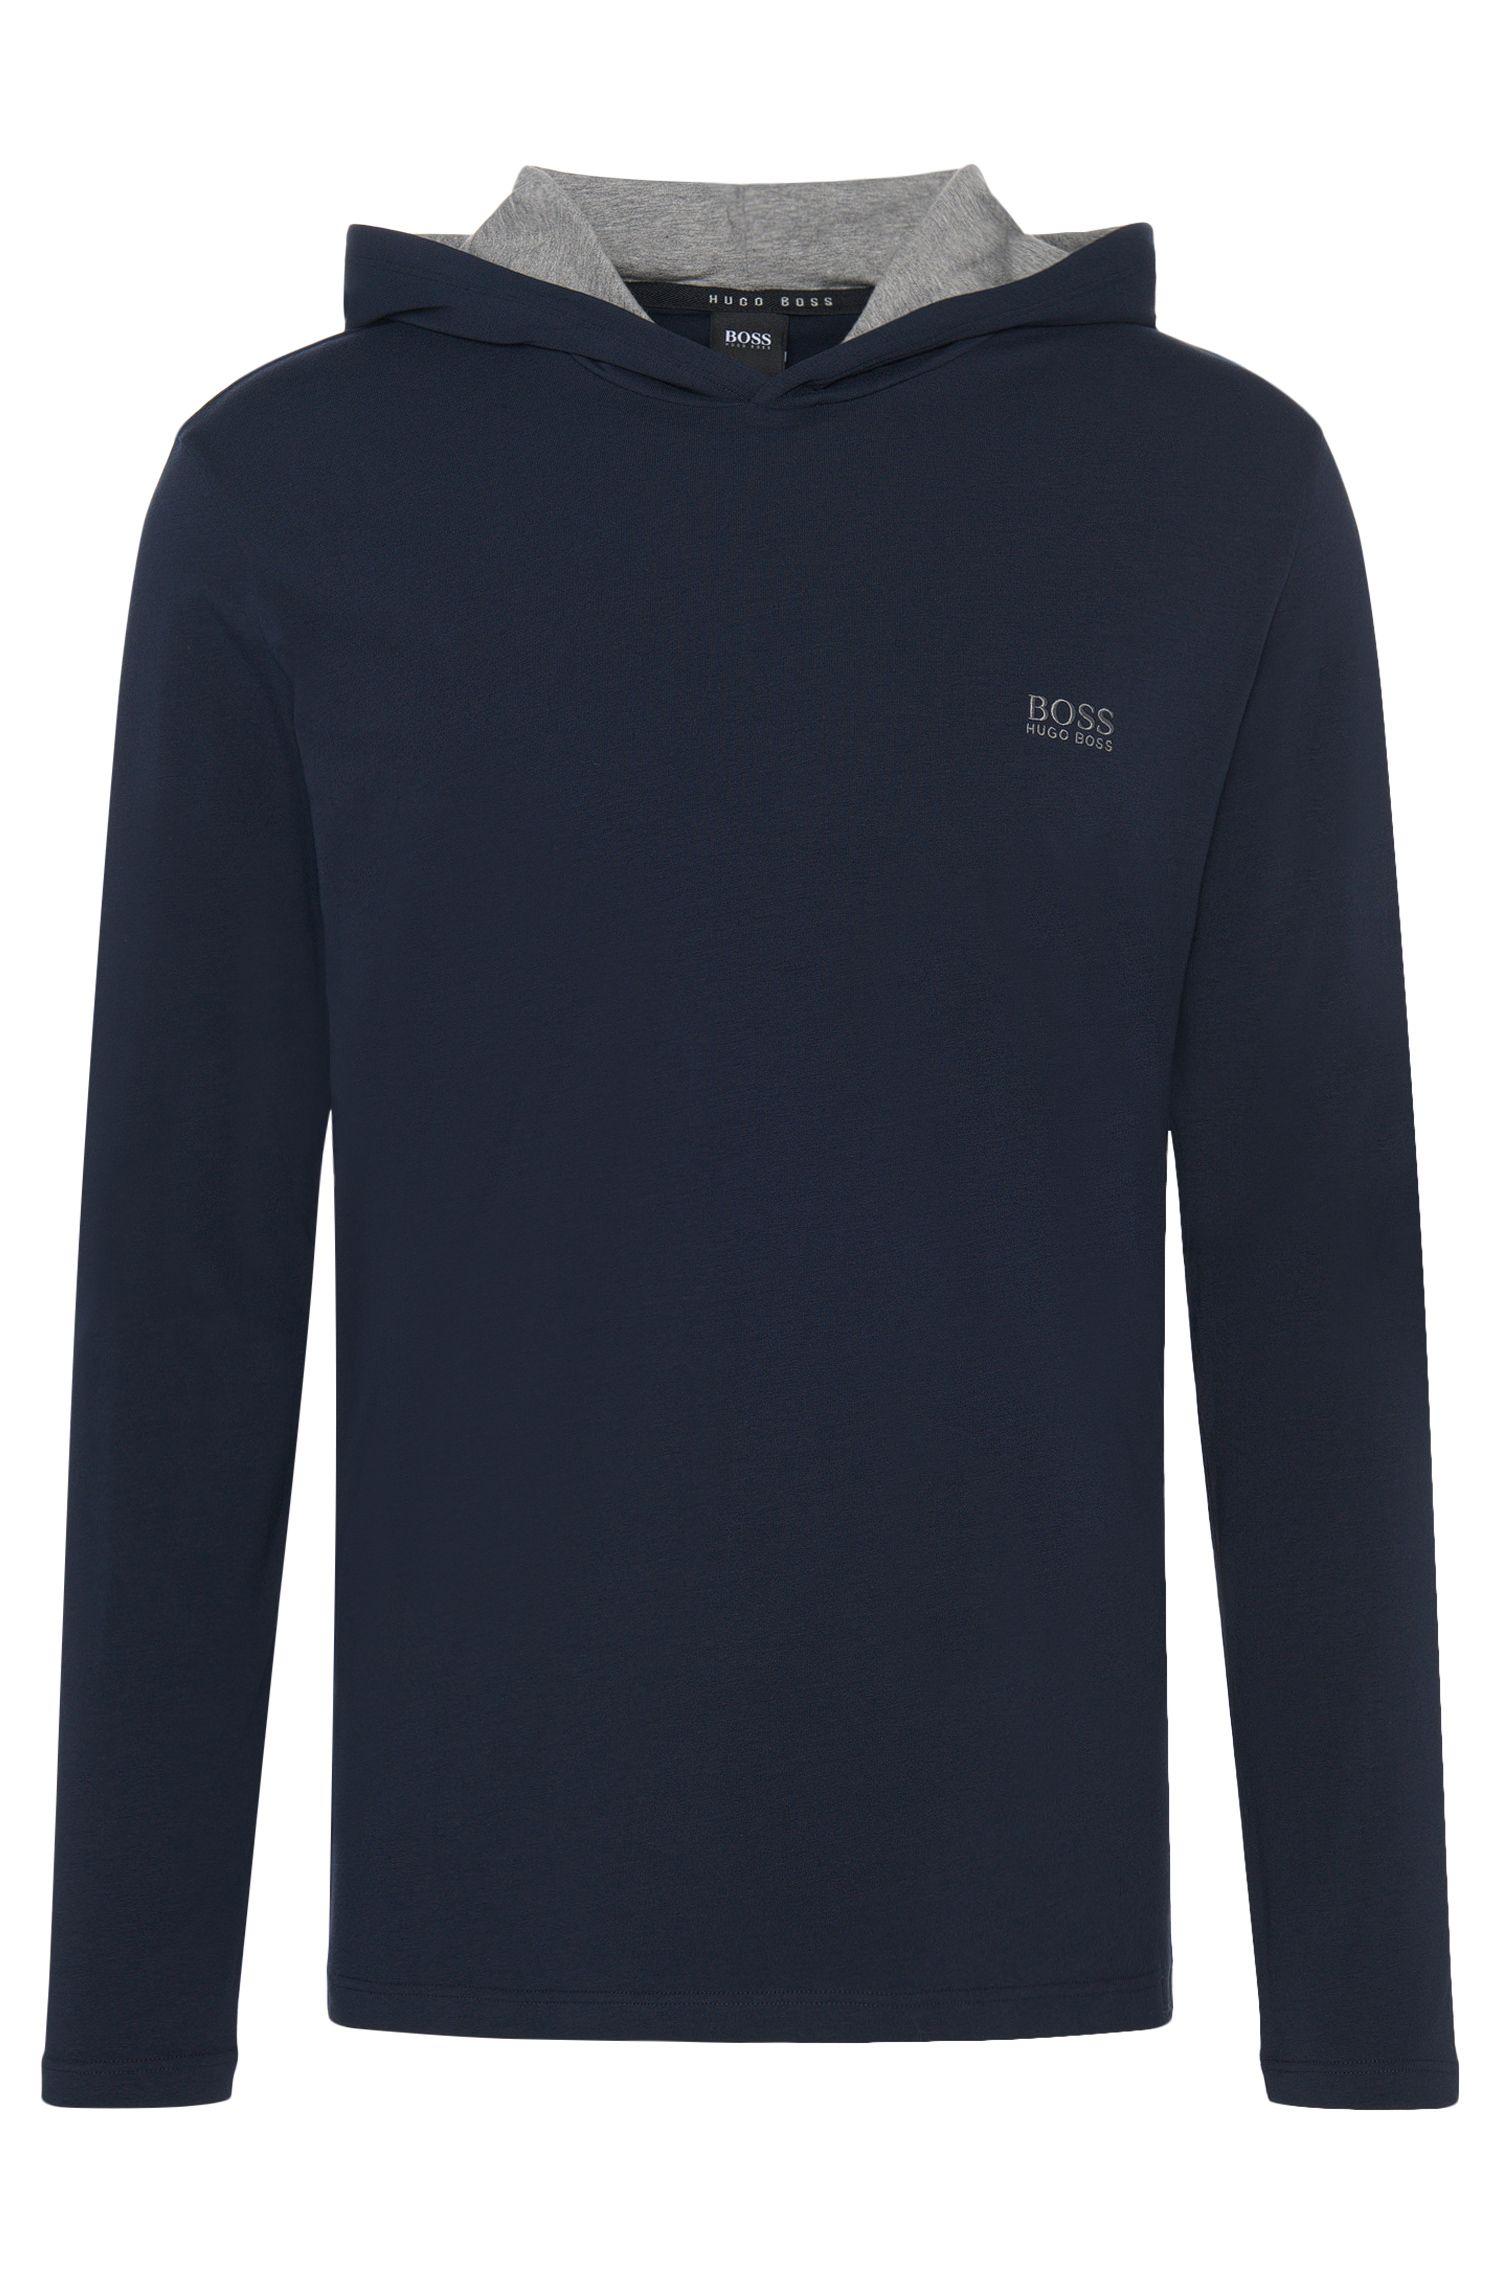 Kapuzen-Longsleeve aus Stretch-Baumwolle: 'LS-Shirt Hooded'